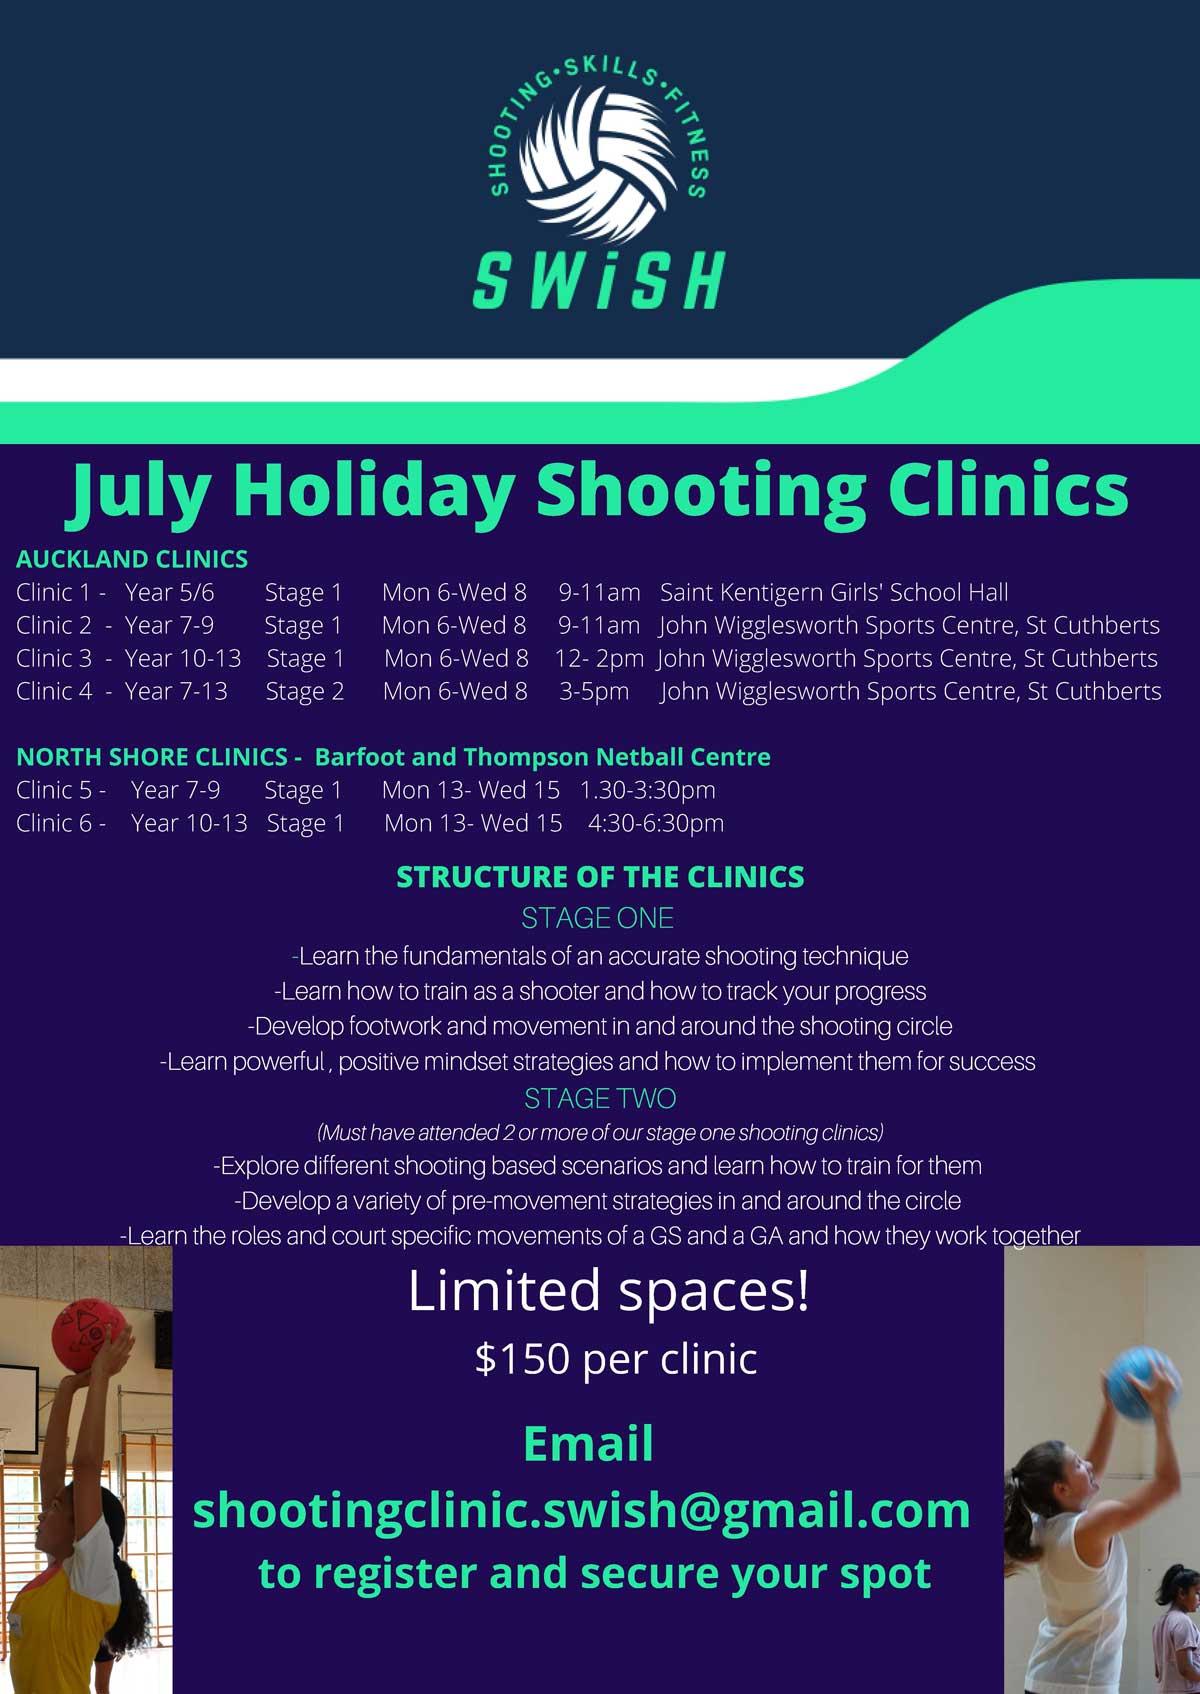 SWiSH Holiday Clinics